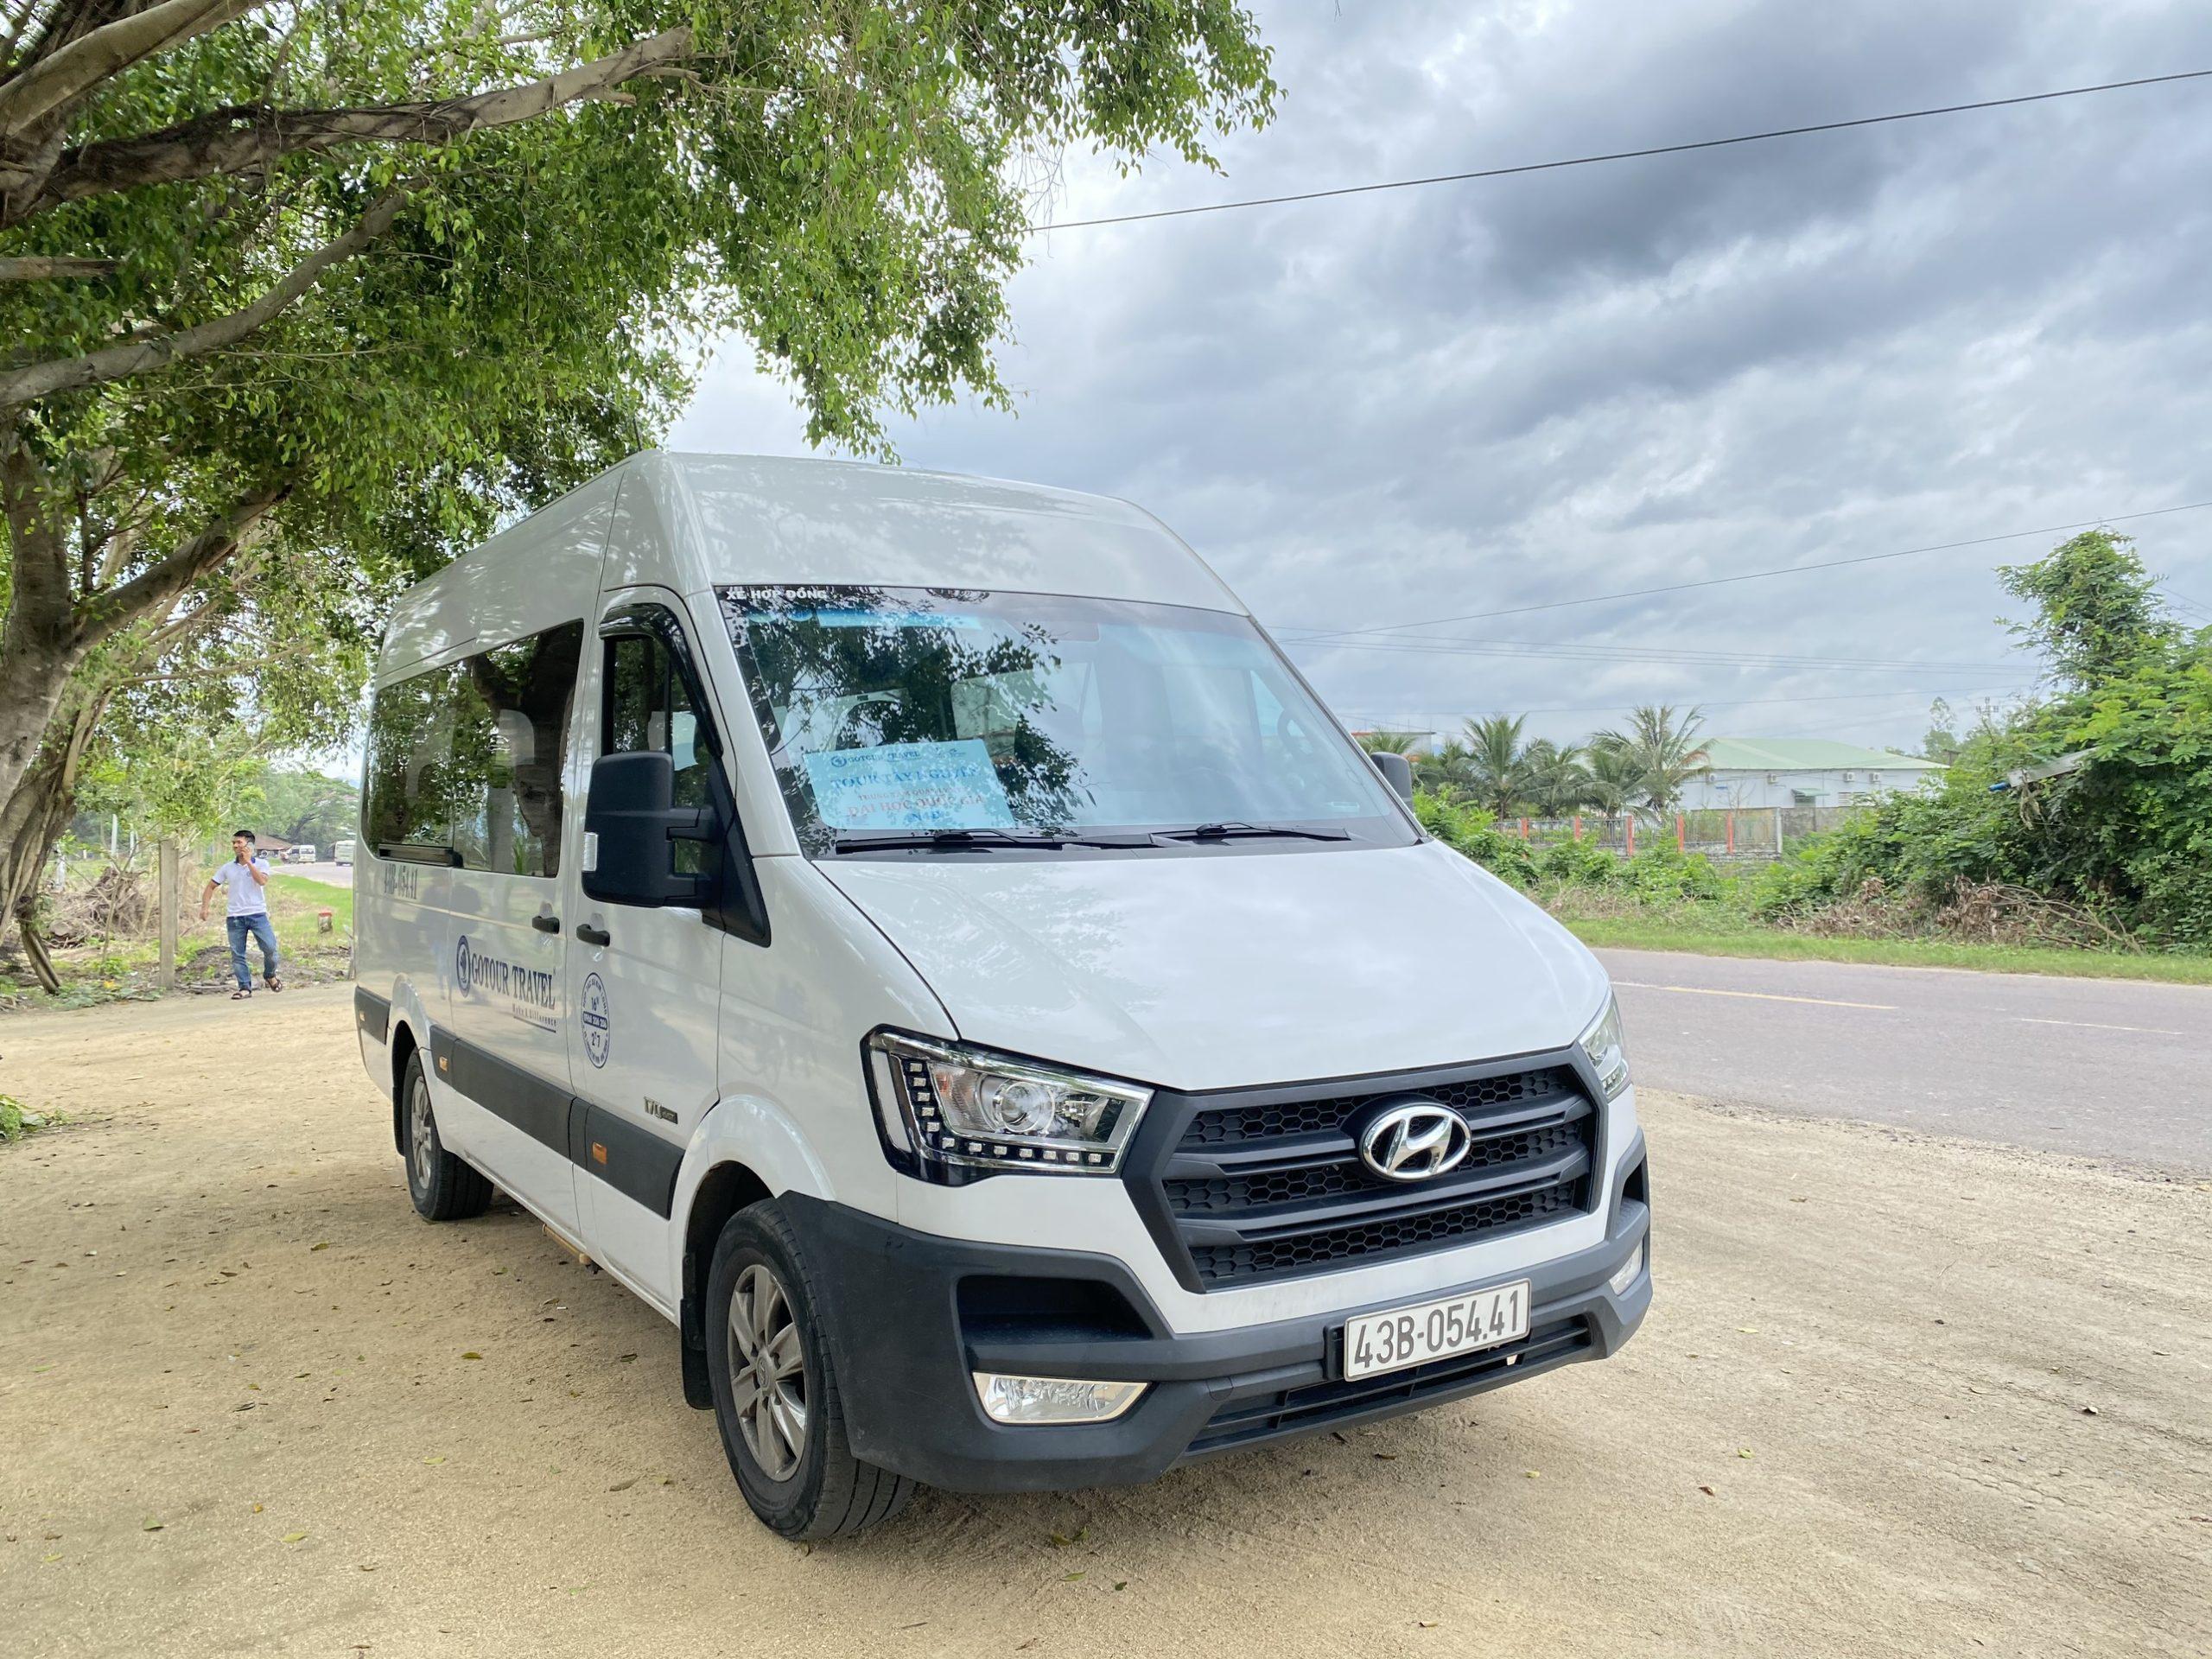 Thuê xe 16 chỗ tại Buôn Ma Thuột – Đắk Lắk